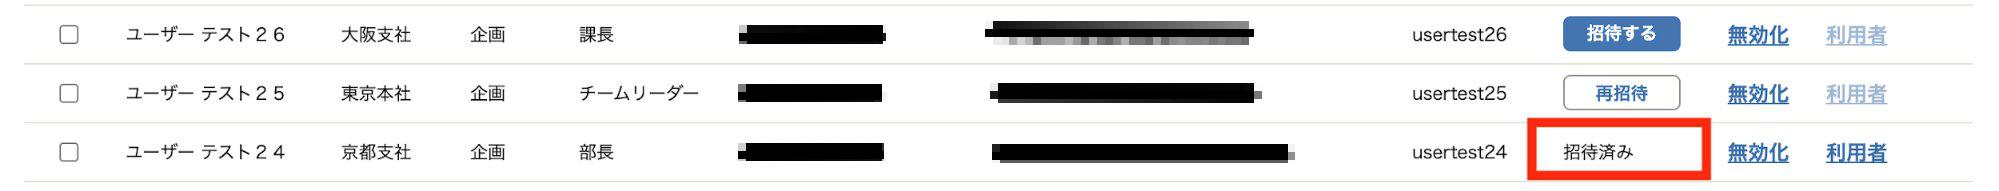 従業員基本情報一覧画面の招待状況欄にある「招待済み」表示を指し示しているスクリーンショット